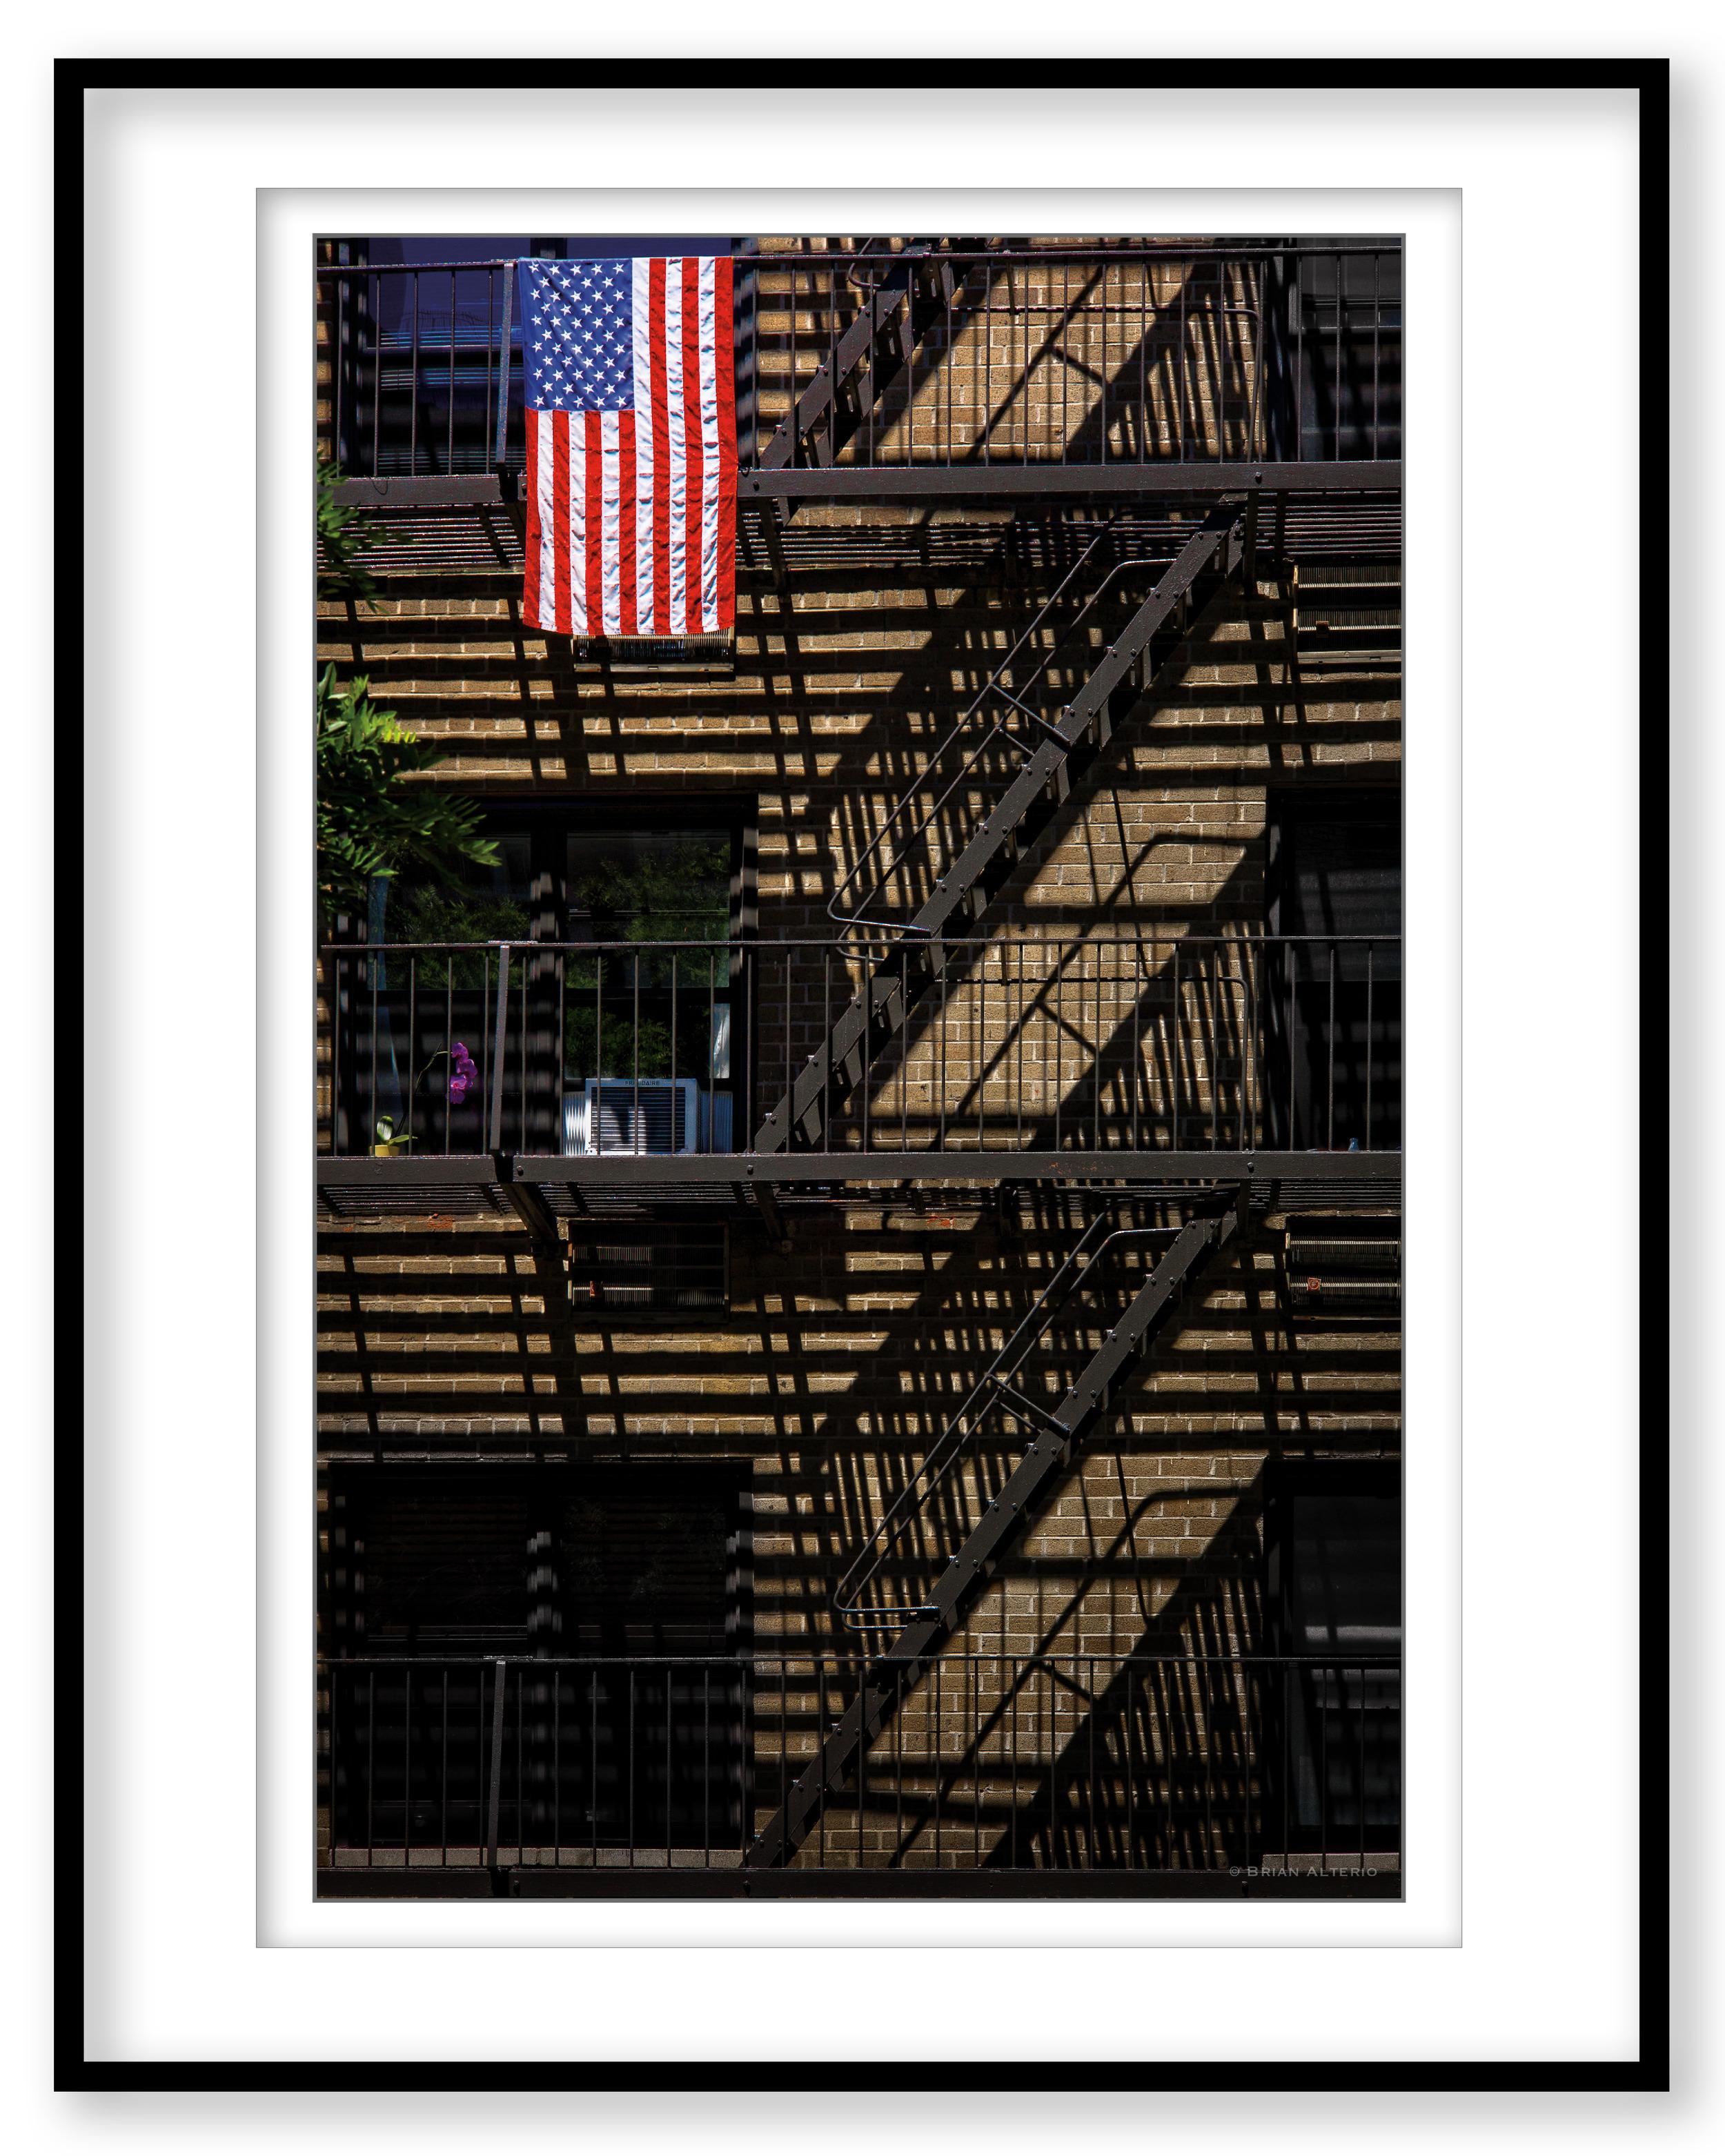 U.E.S Patriotism #2 - 6.10.16  - Framed.jpg